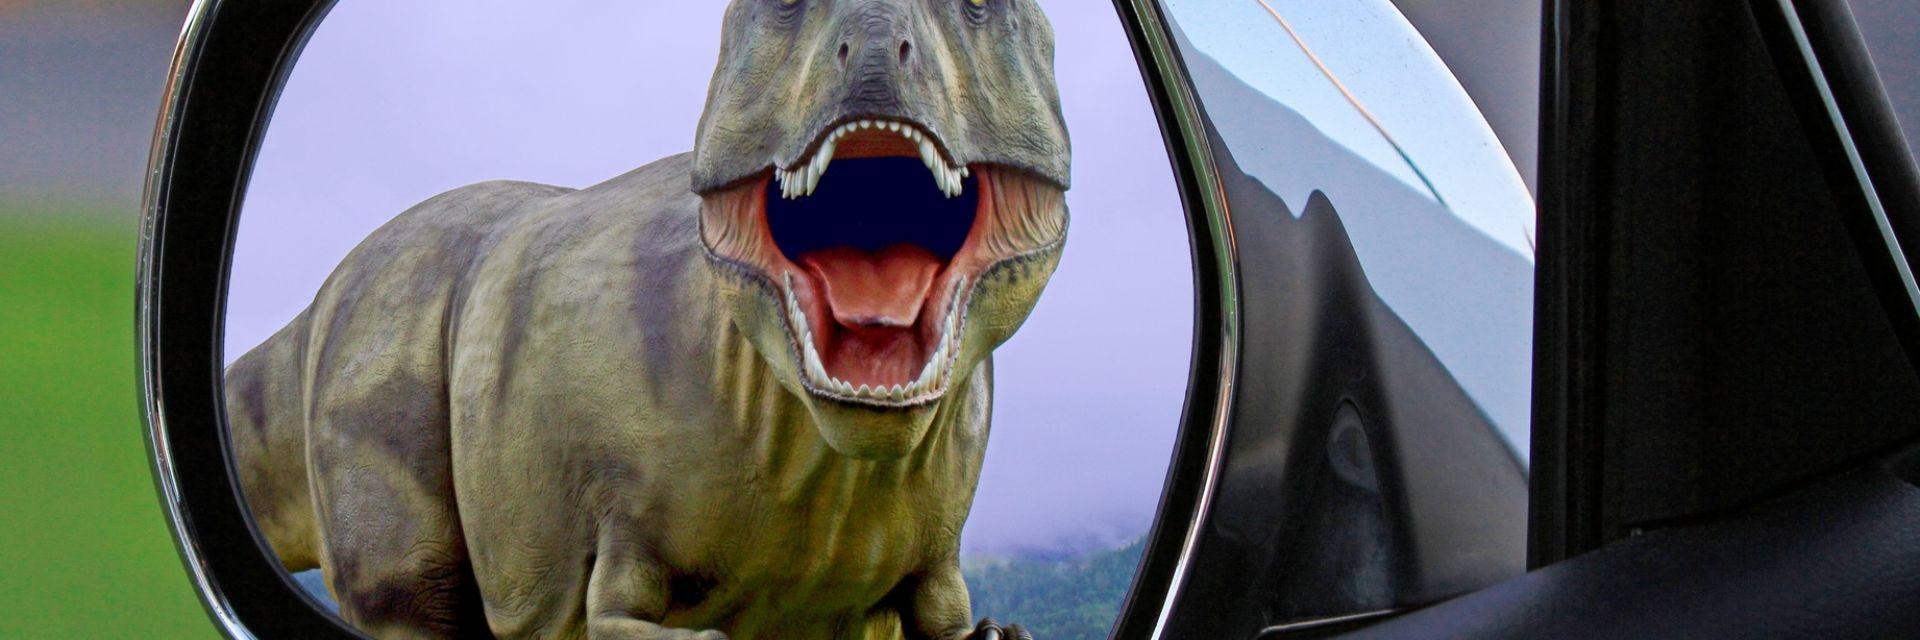 Динозаврите също страдали от климатичните промени